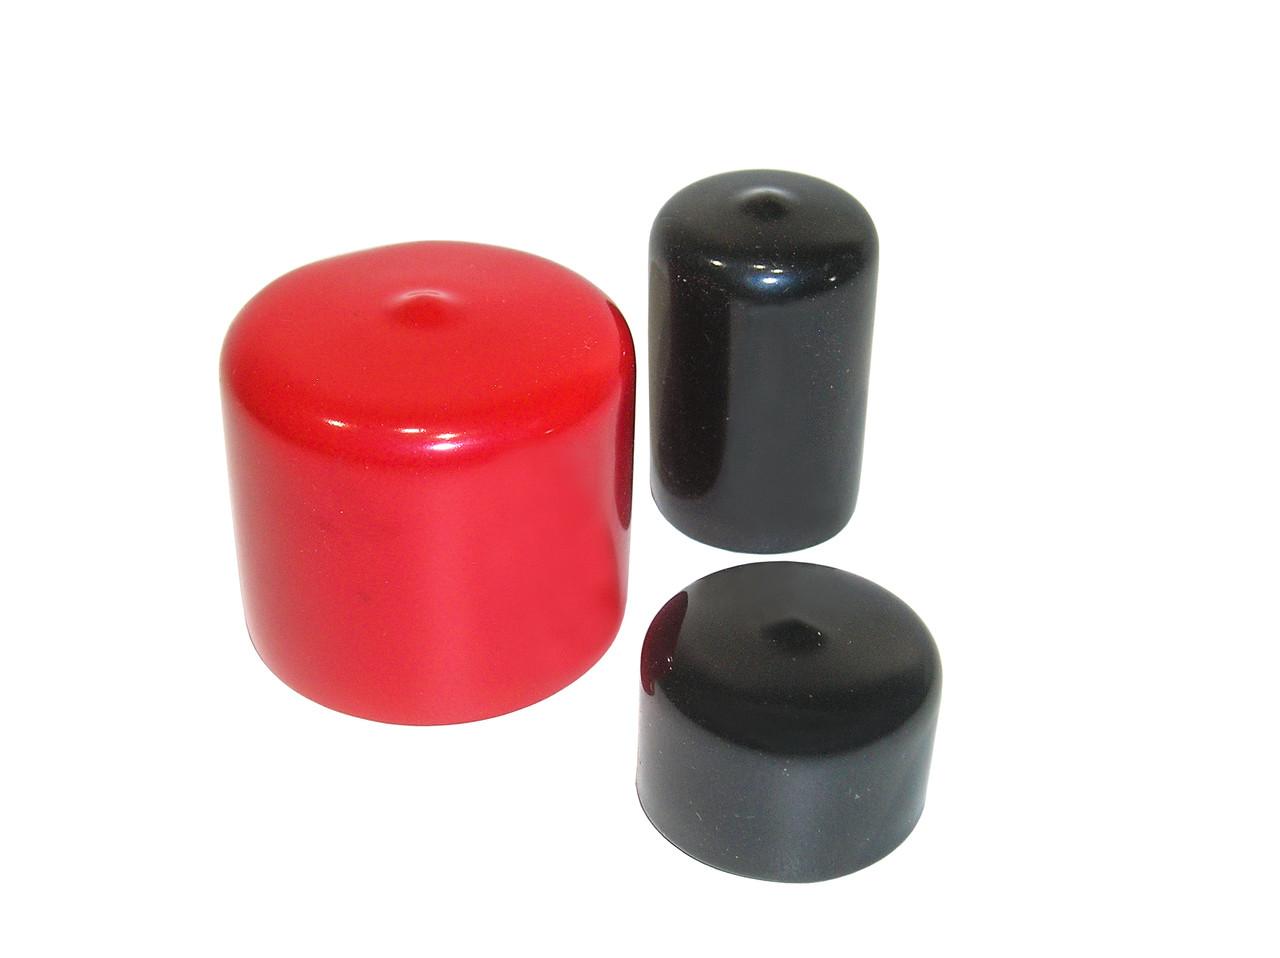 """3/4"""" x 1"""" Round Tuff Pak Cap - 200 in Red or Black"""